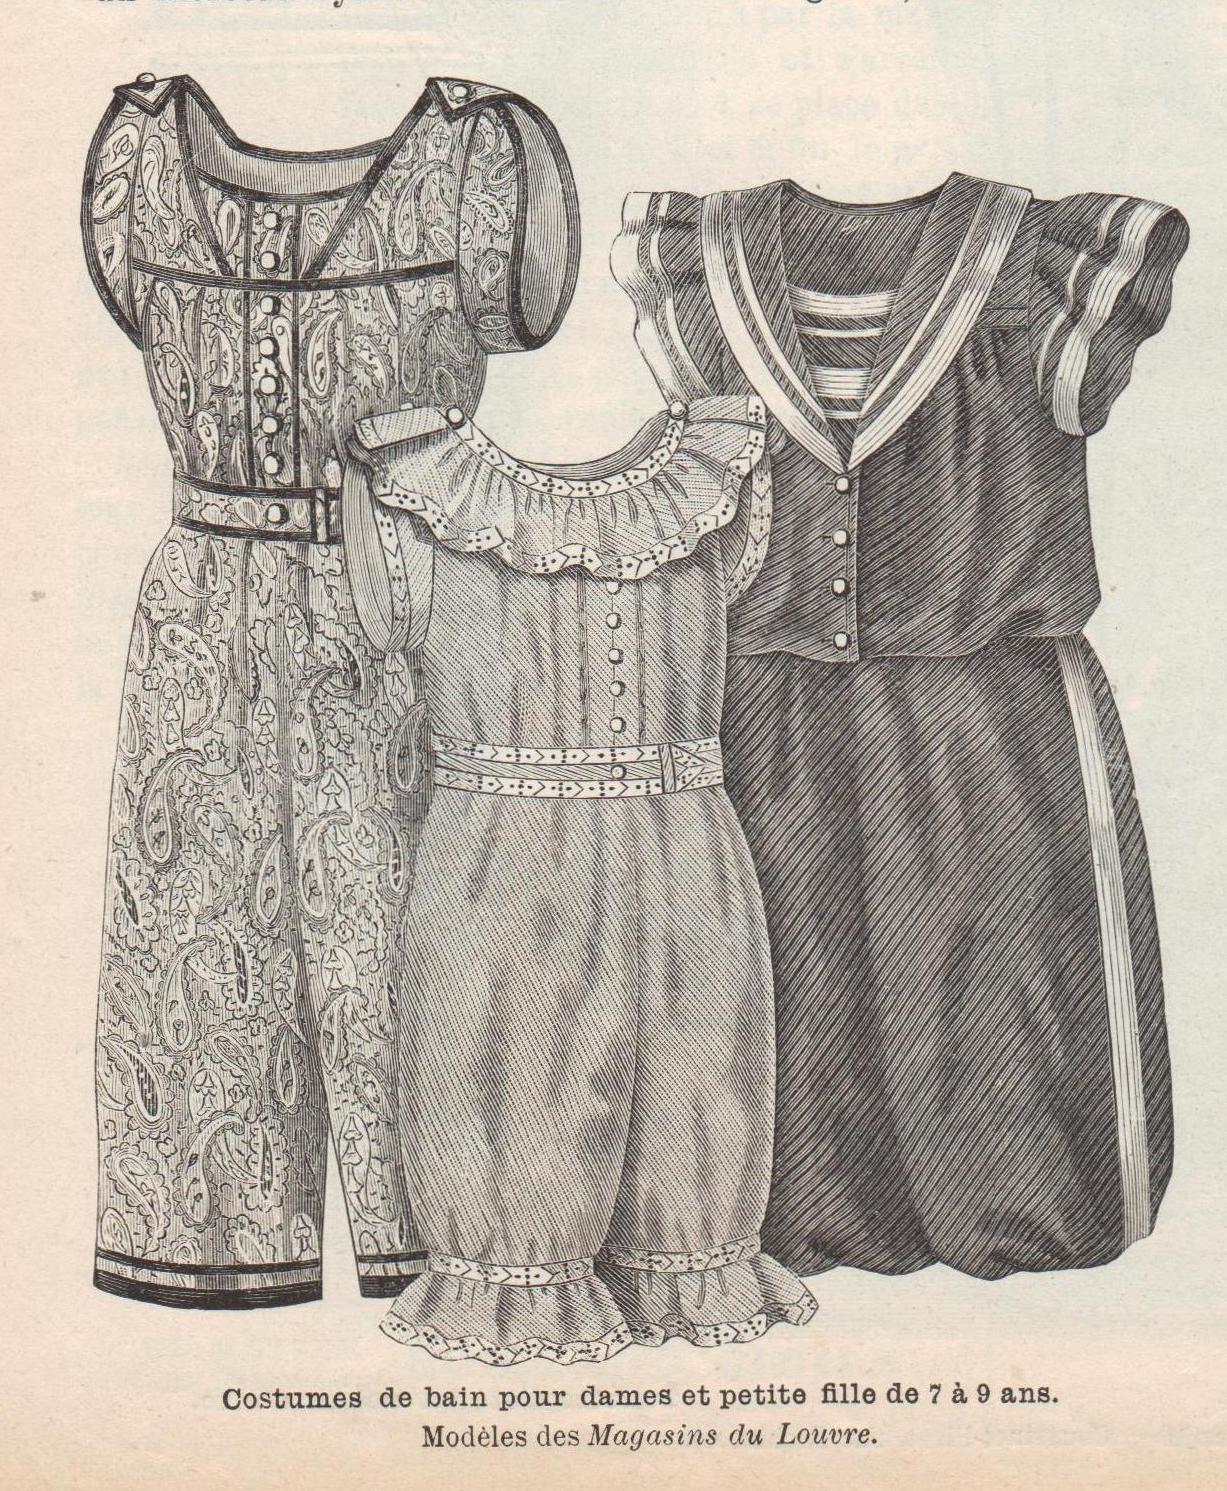 1896- costume de bain